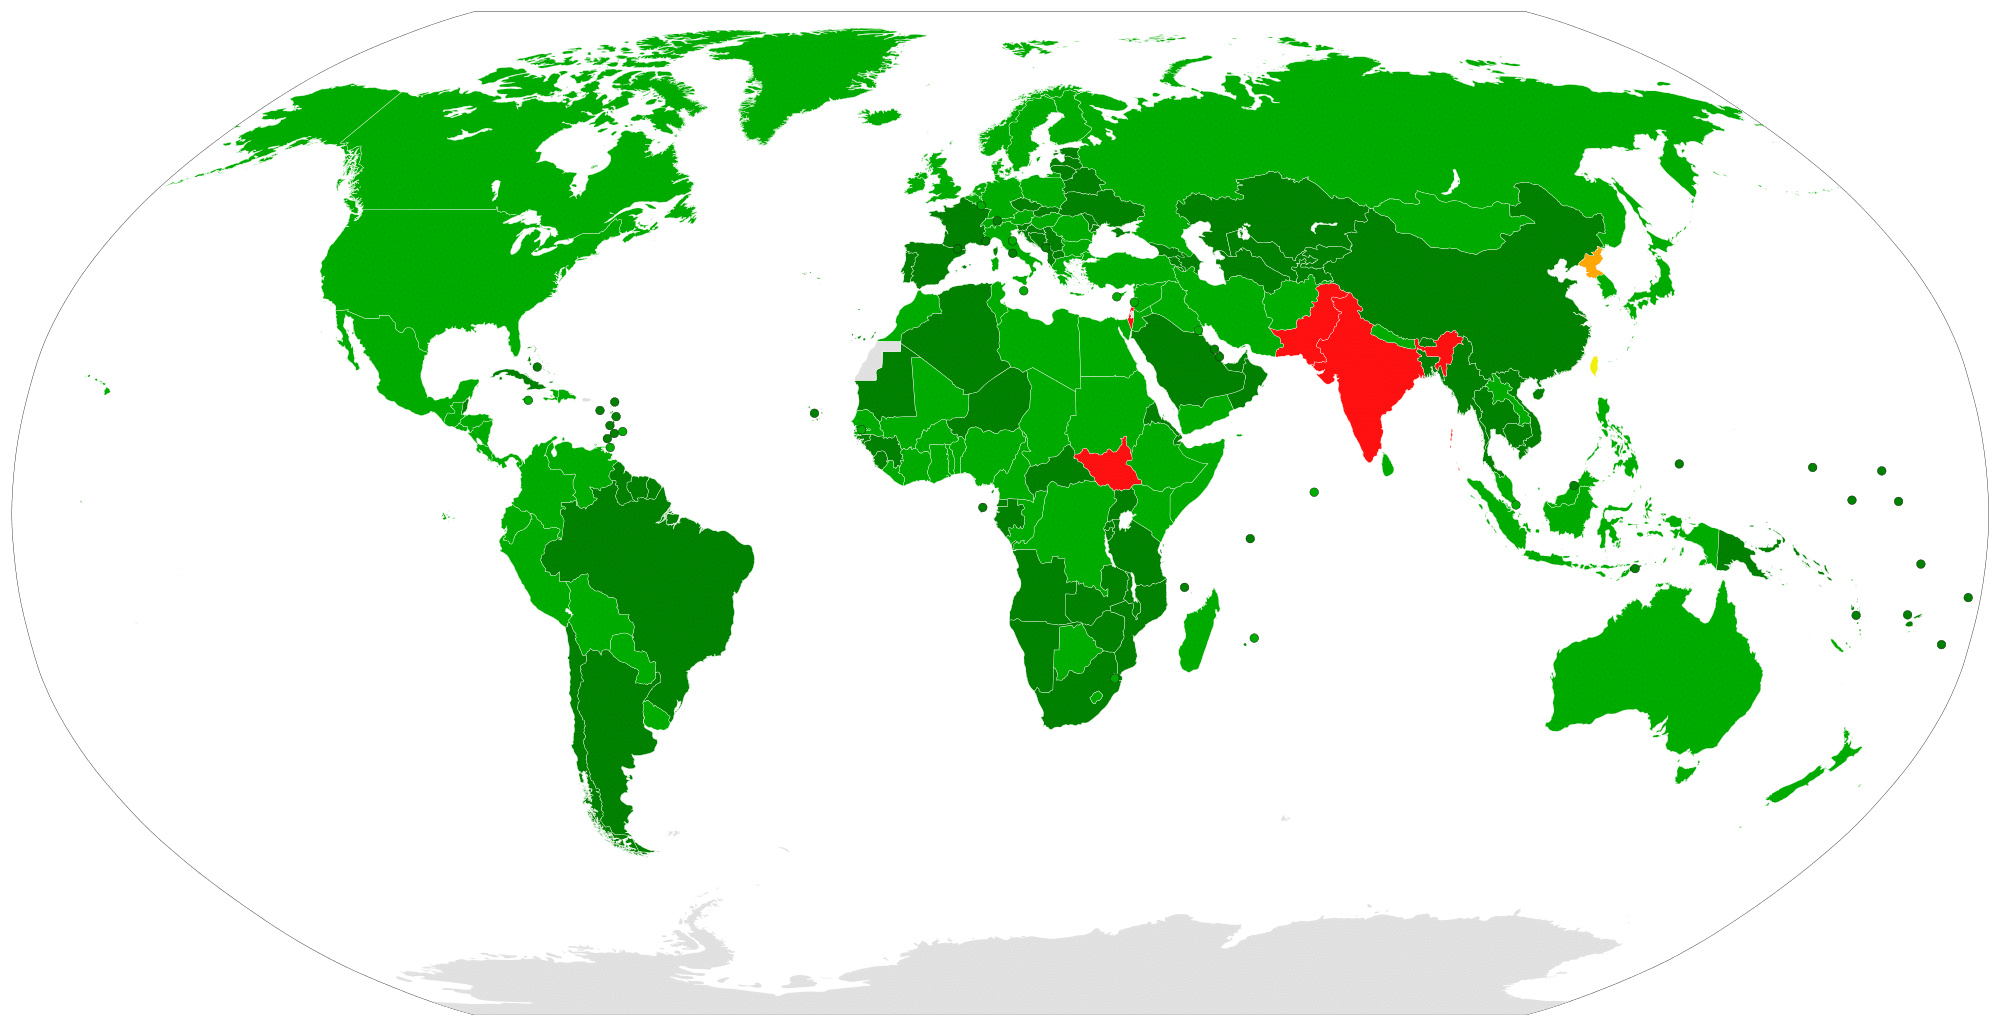 Trattato non proliferazione nucleare